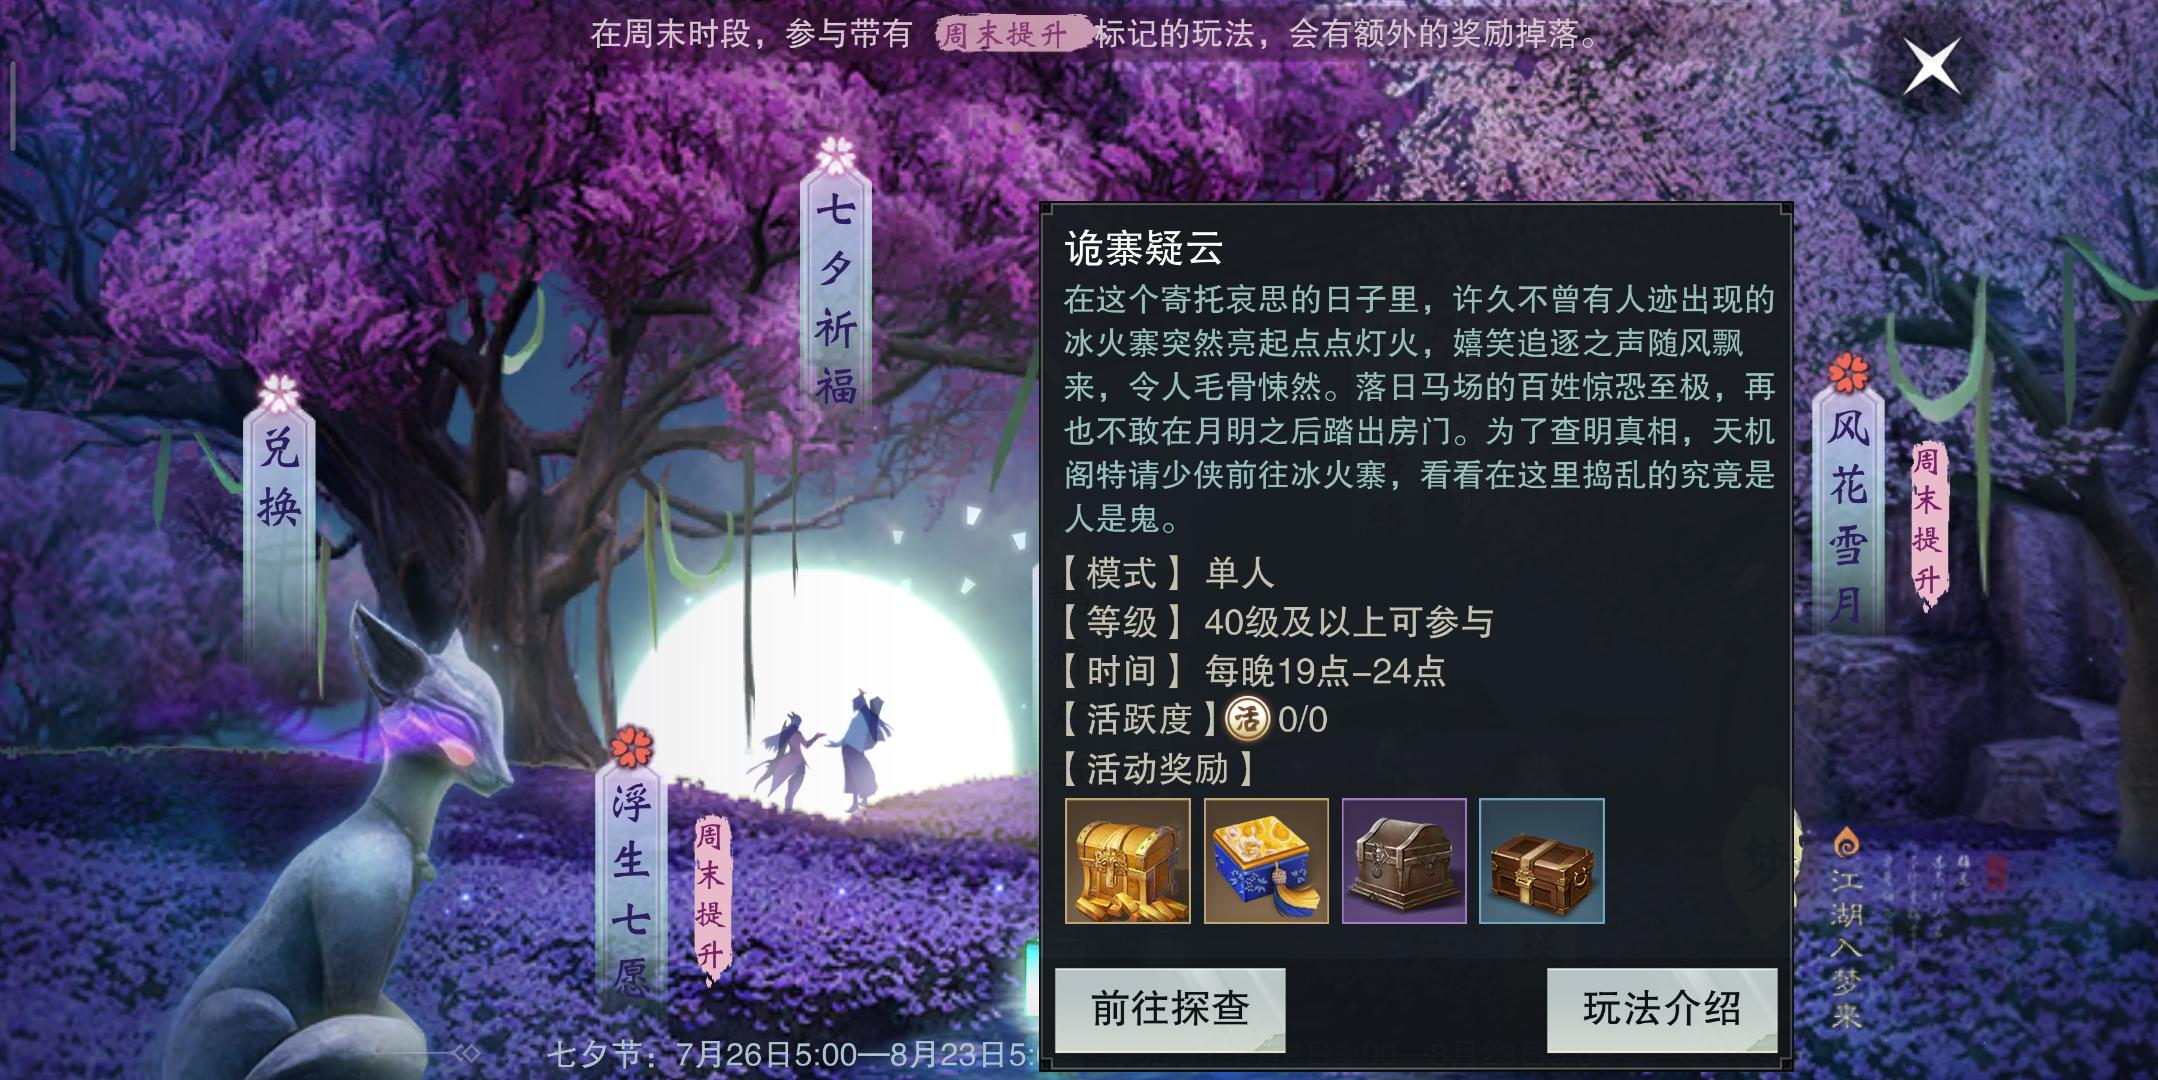 一梦江湖手游诡寨疑云活动玩法一览